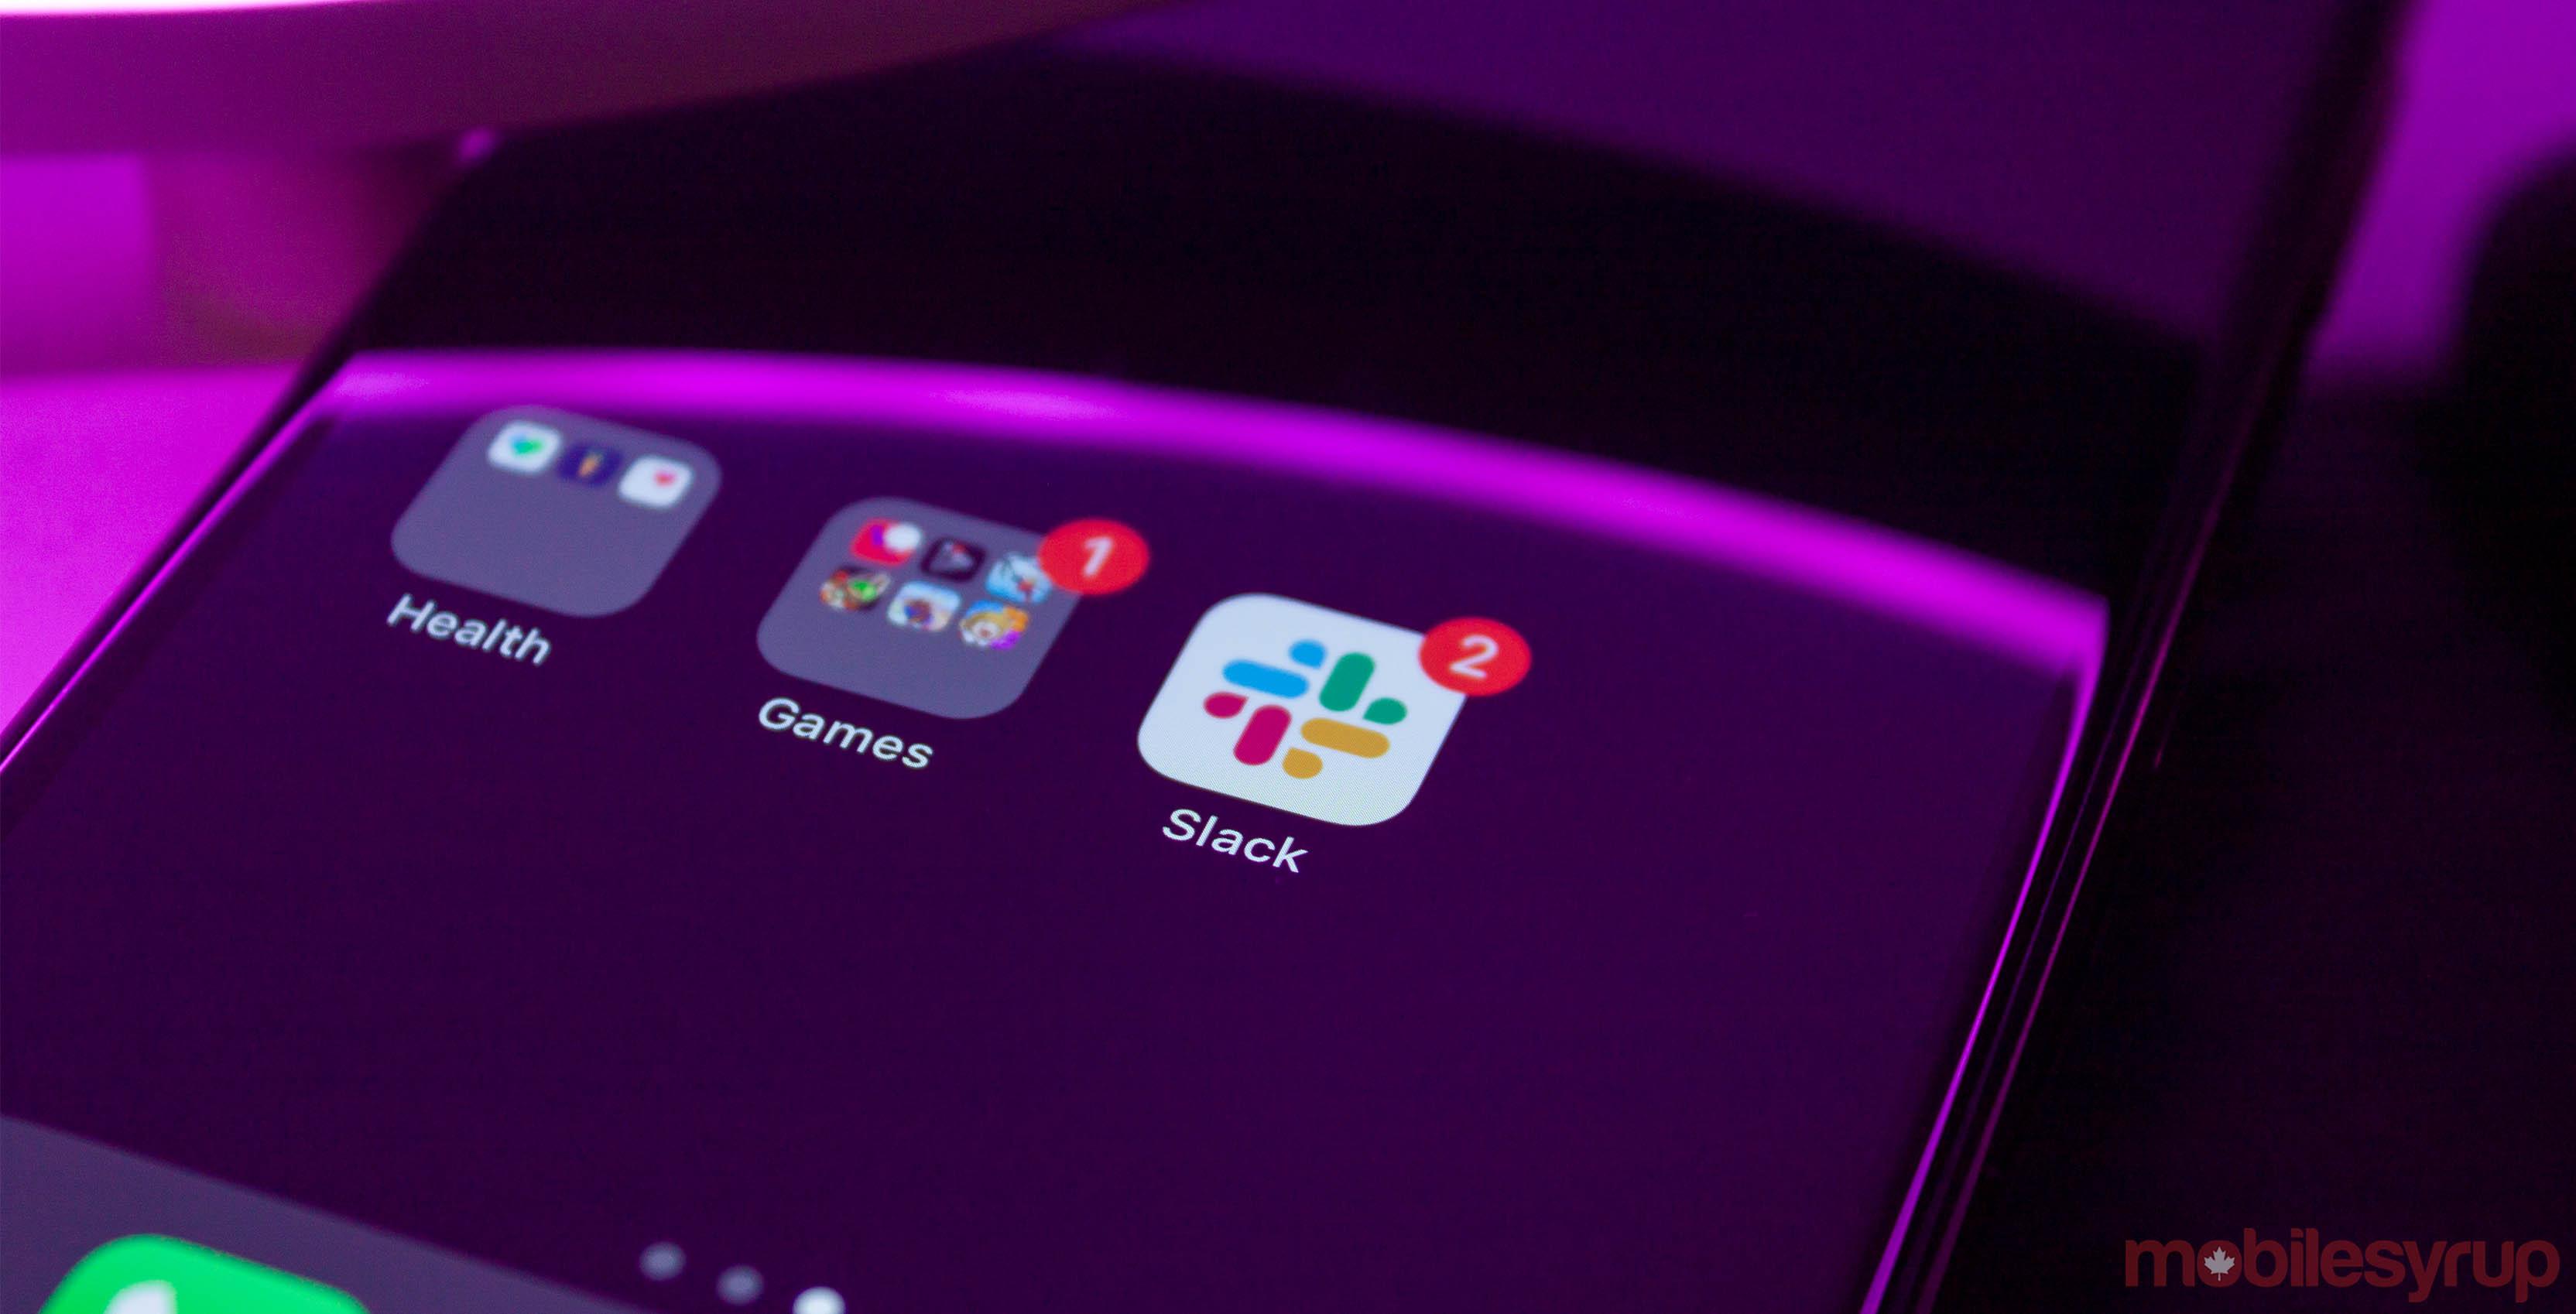 Slack app icon